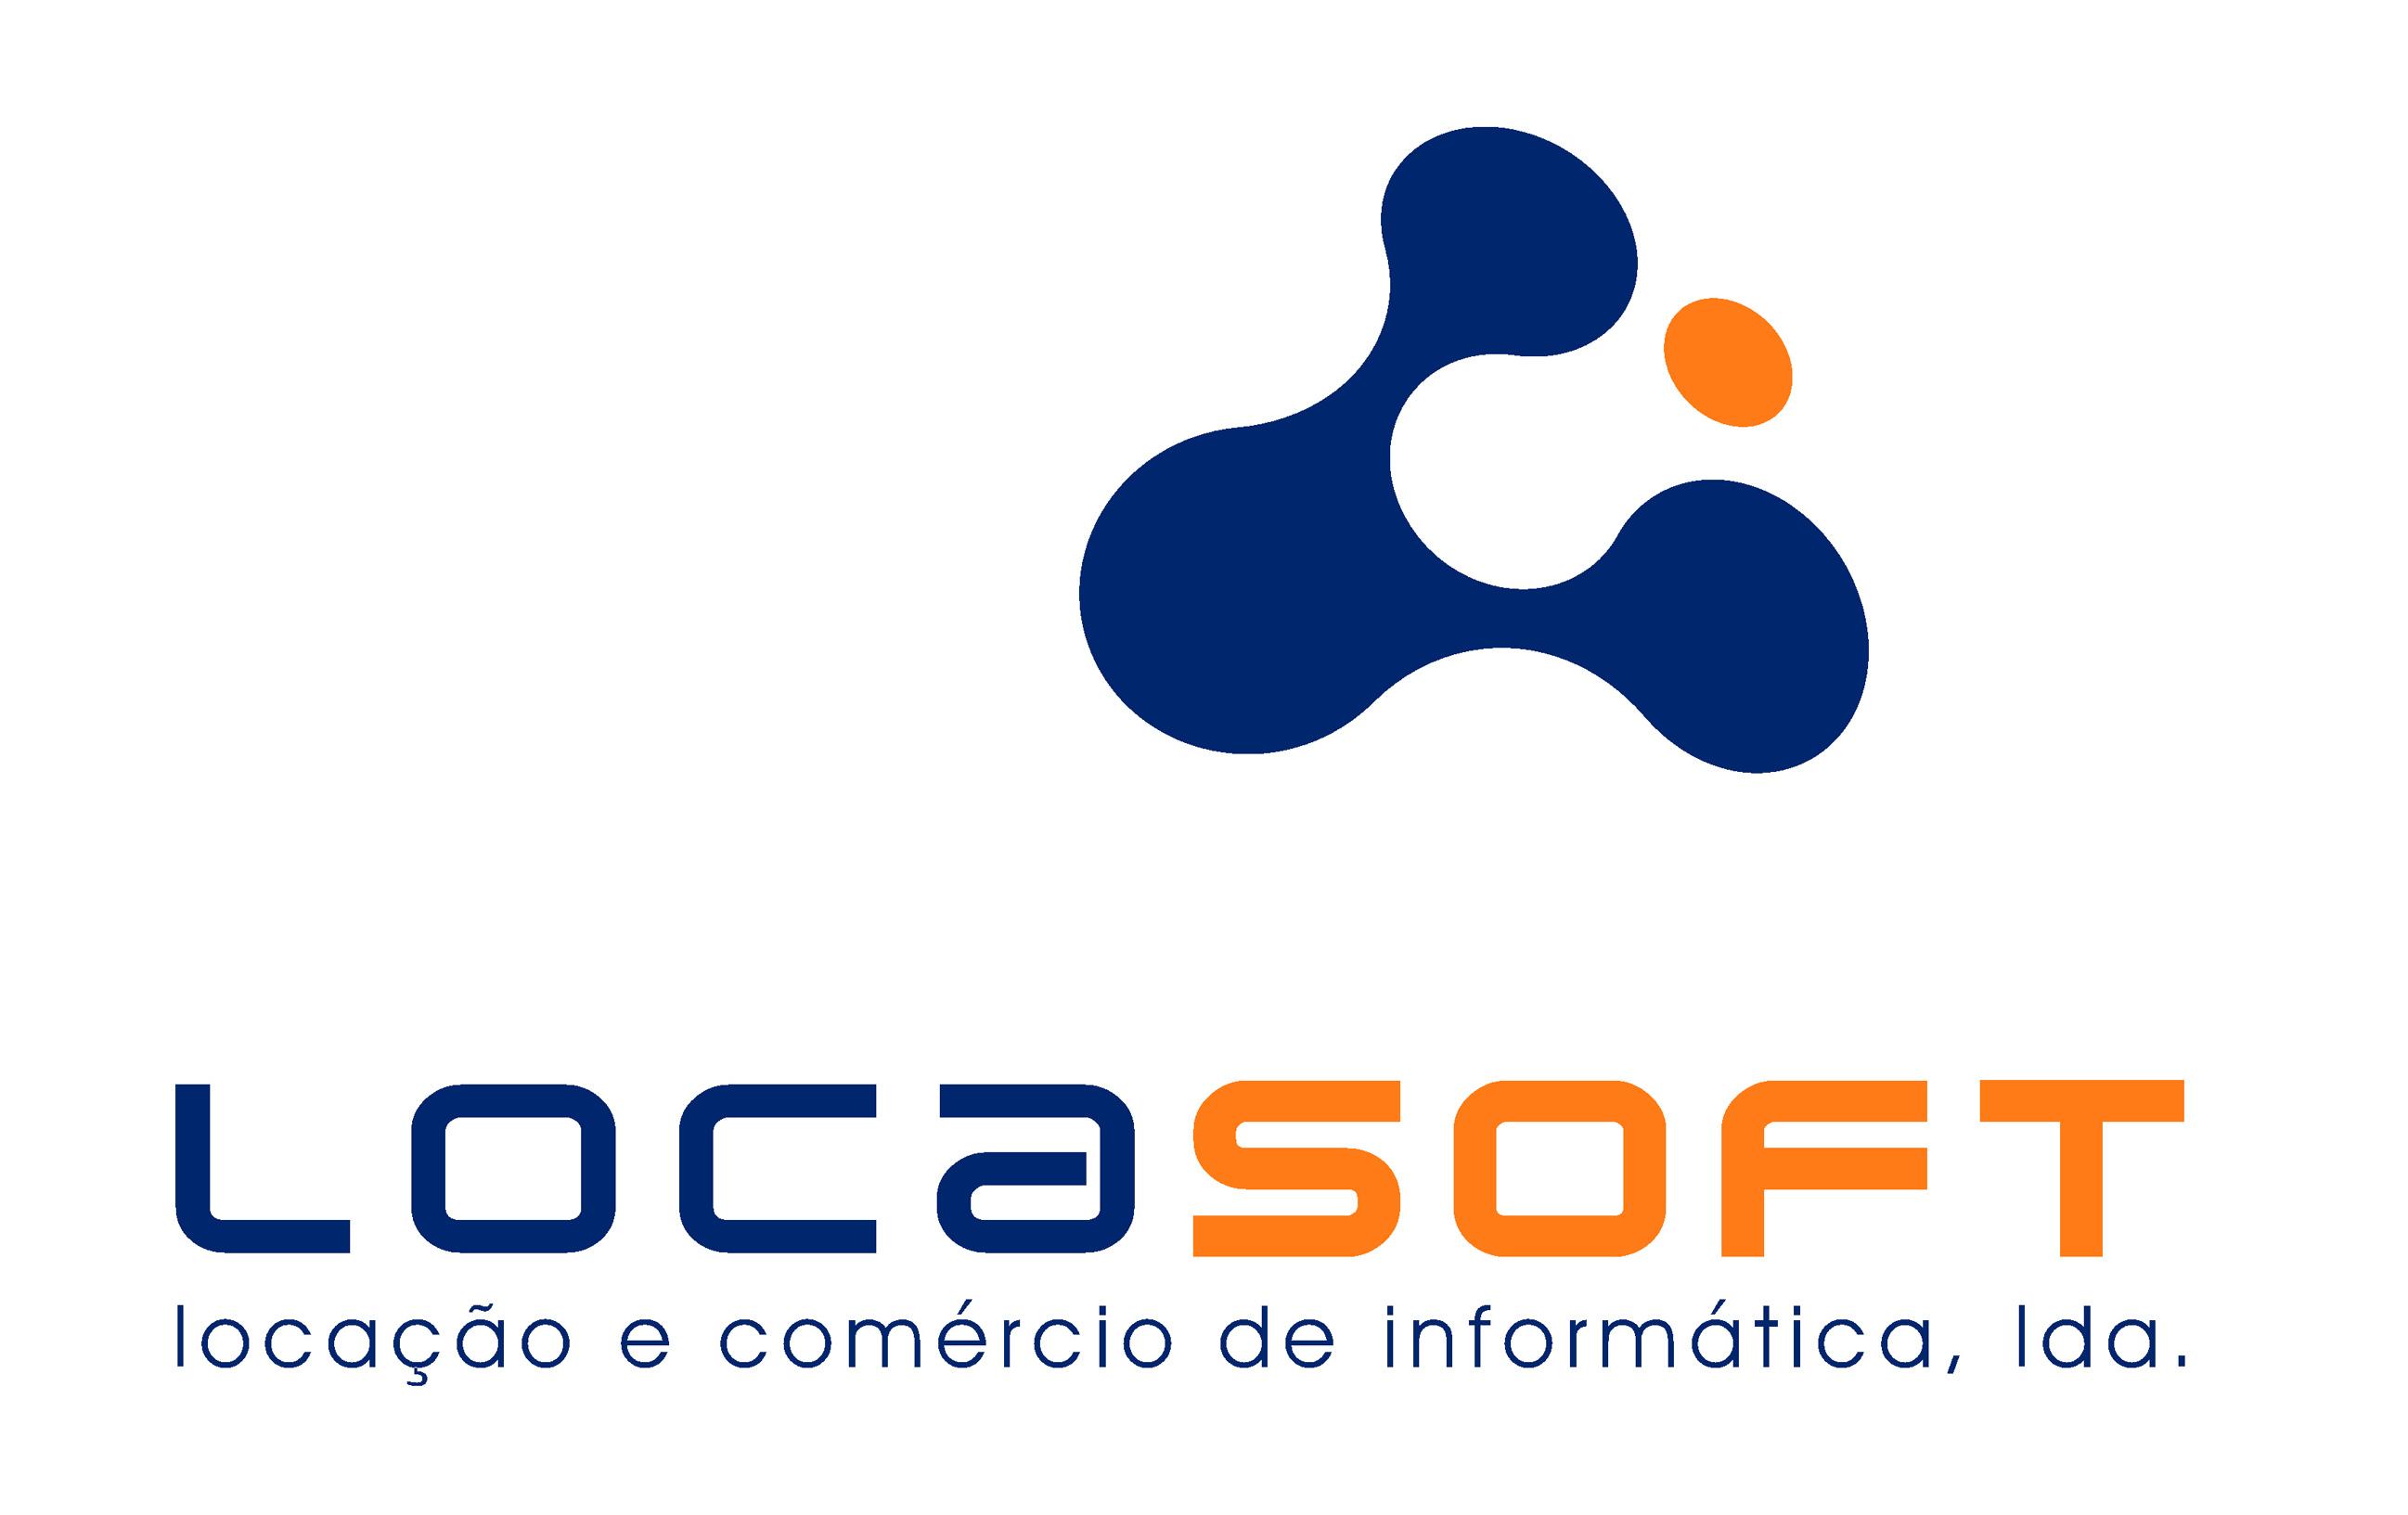 logo Locasoft copy